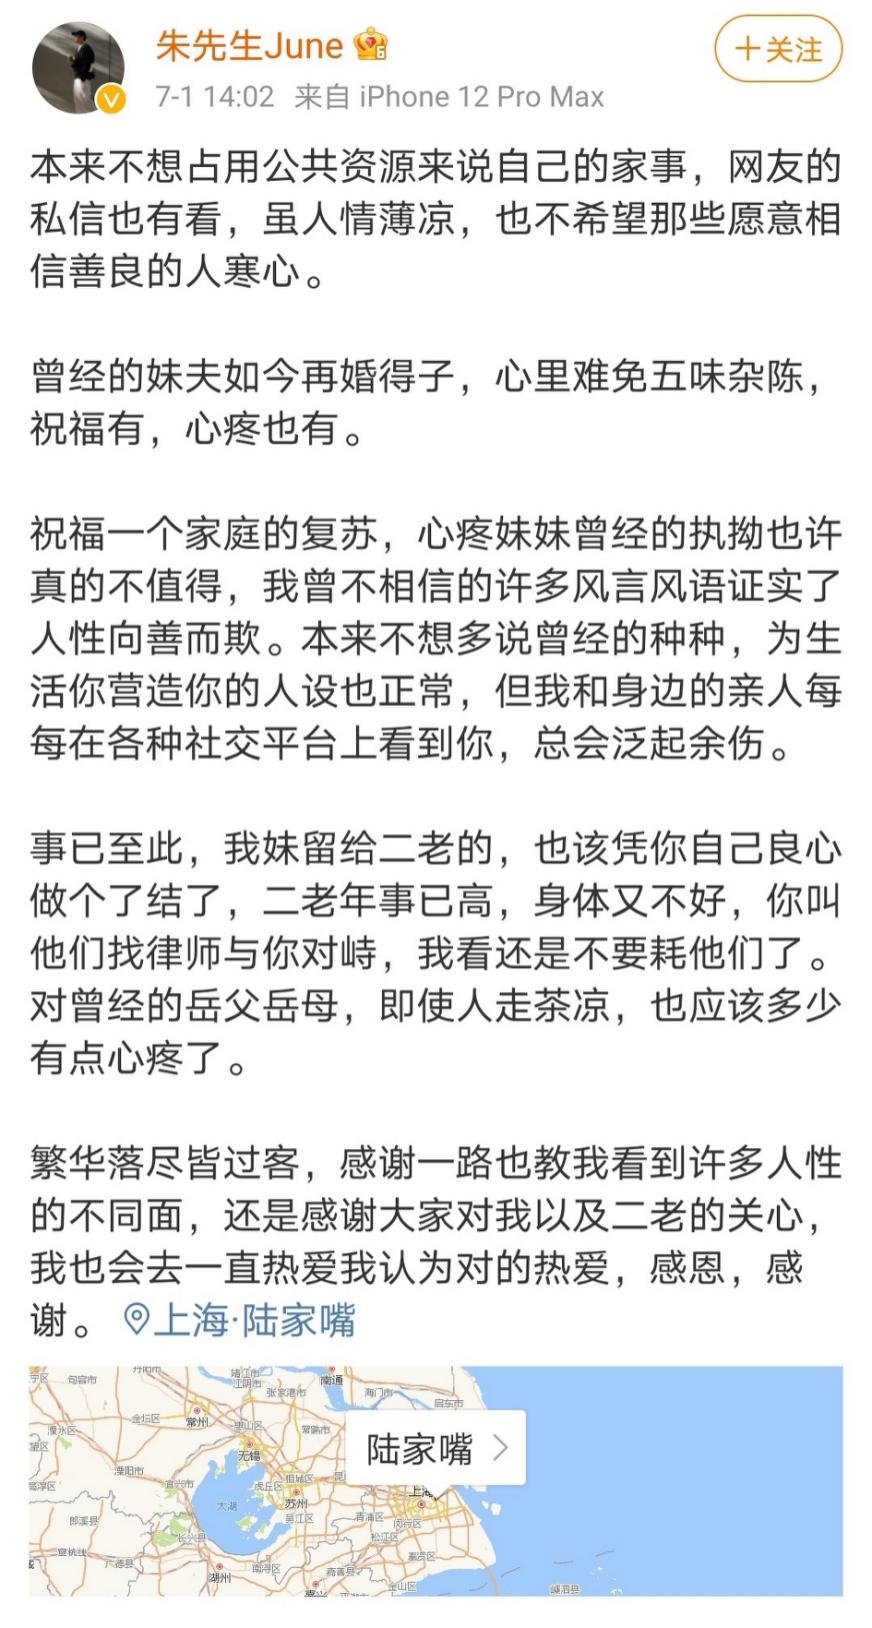 杭州保姆纵火案男主林先生林爸爸林生斌再婚了吗?林生斌已重新成家